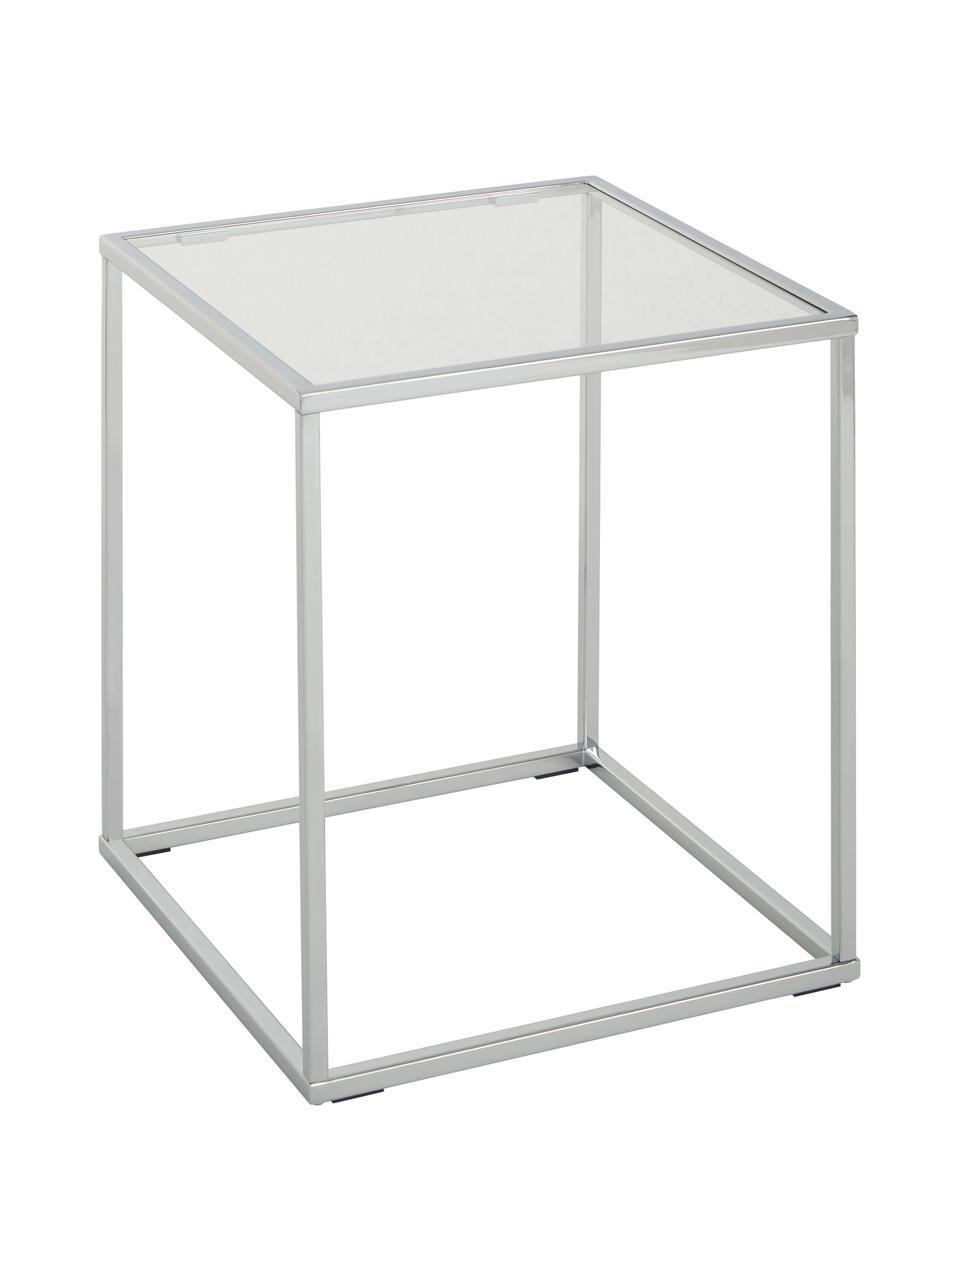 Stolik pomocniczy ze szklanym blatem Maya, Blat: szkło hartowane, Stelaż: metal chromowany, Chrom, S 45 x W 50 cm